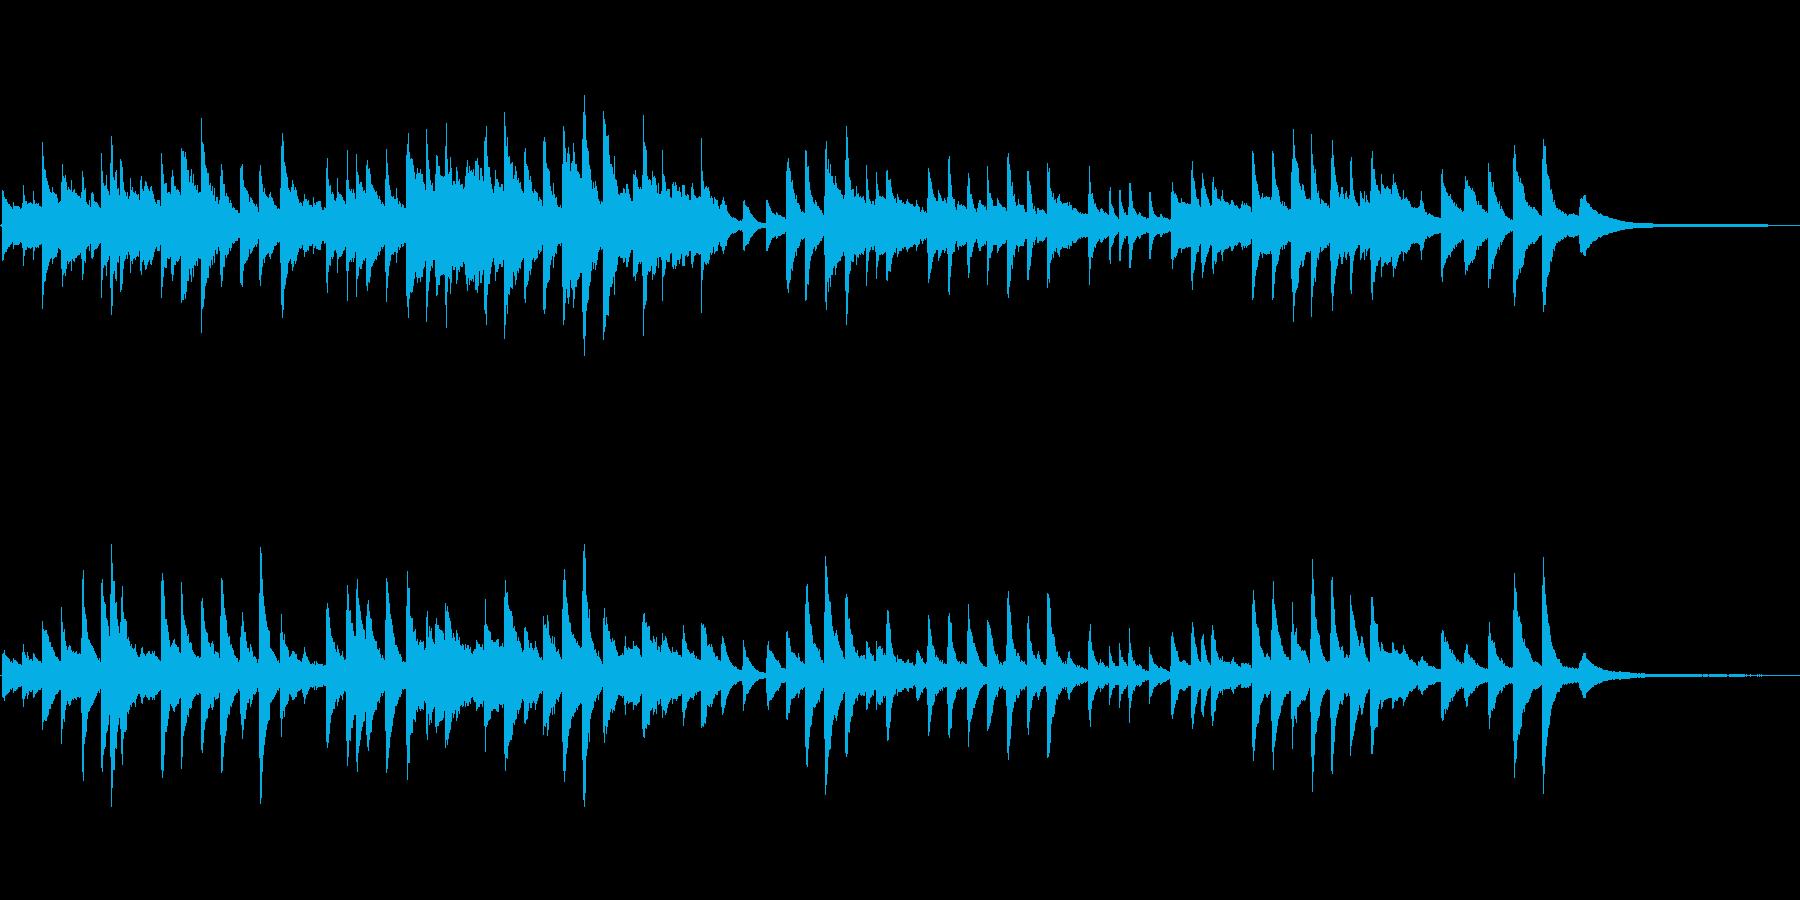 童謡「たなばたさま」 ピアノソロの再生済みの波形